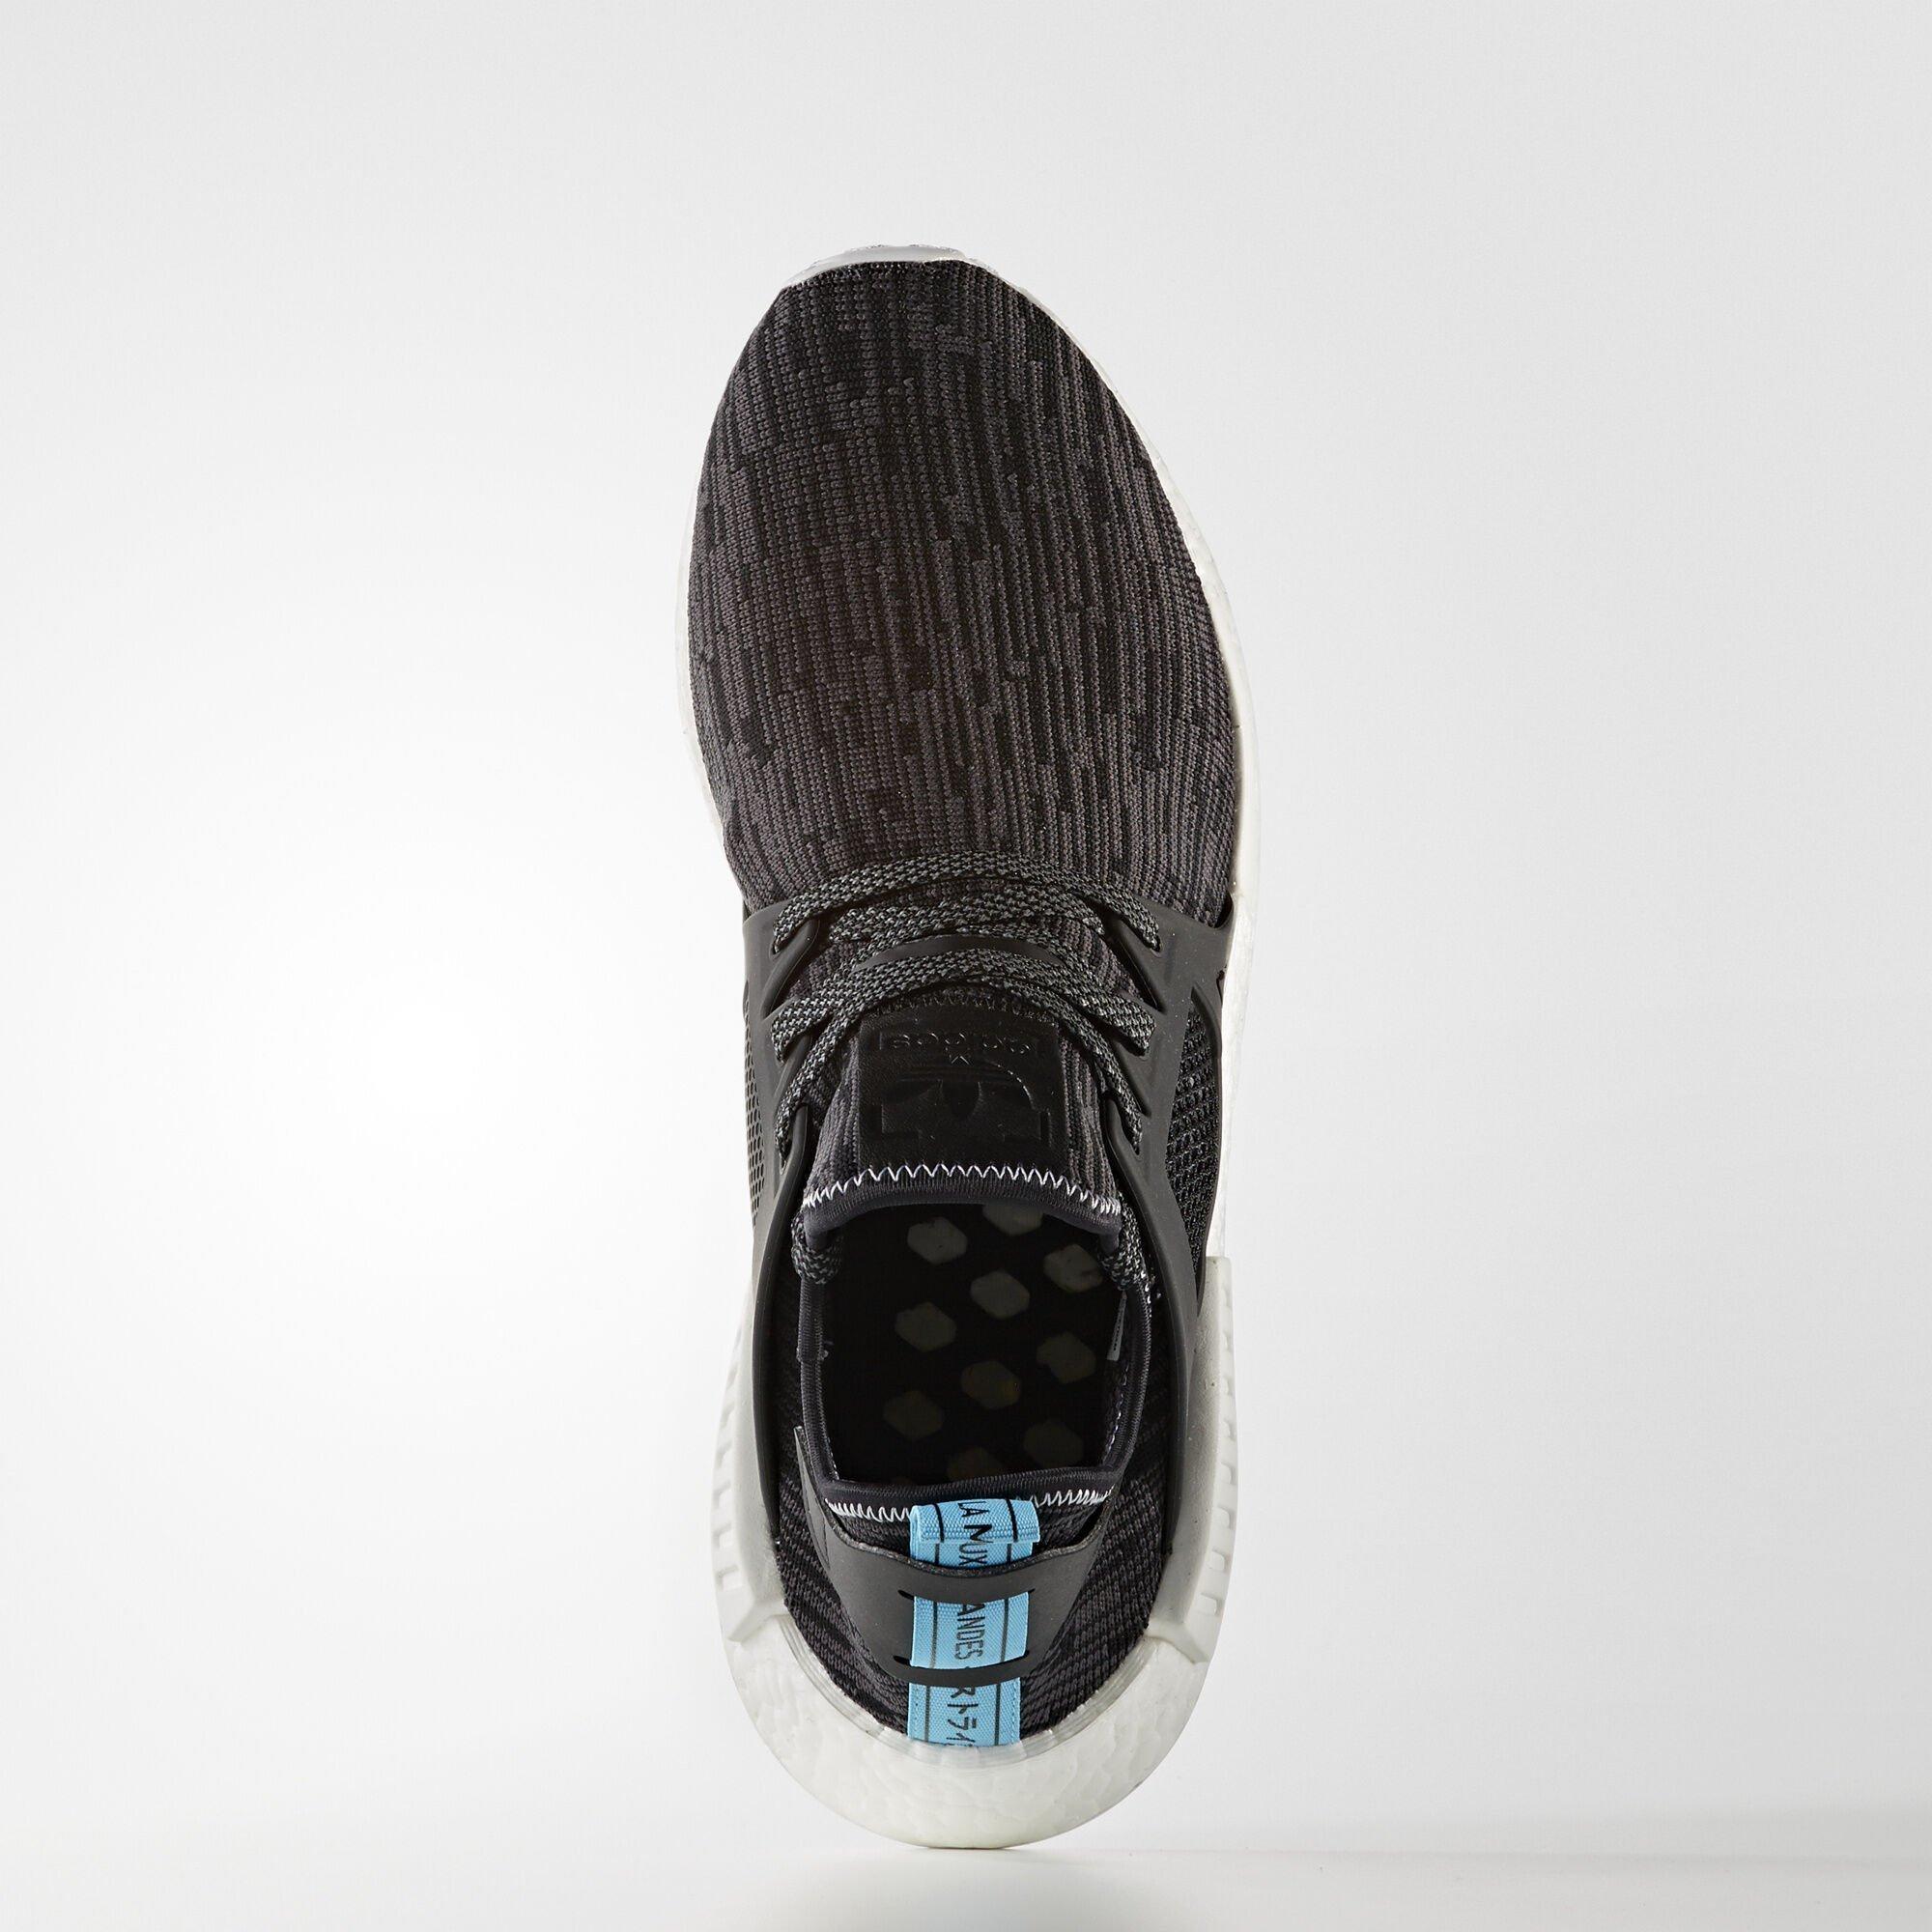 adidas  NMD XR1 Utility Black Bright Blue (S32215)